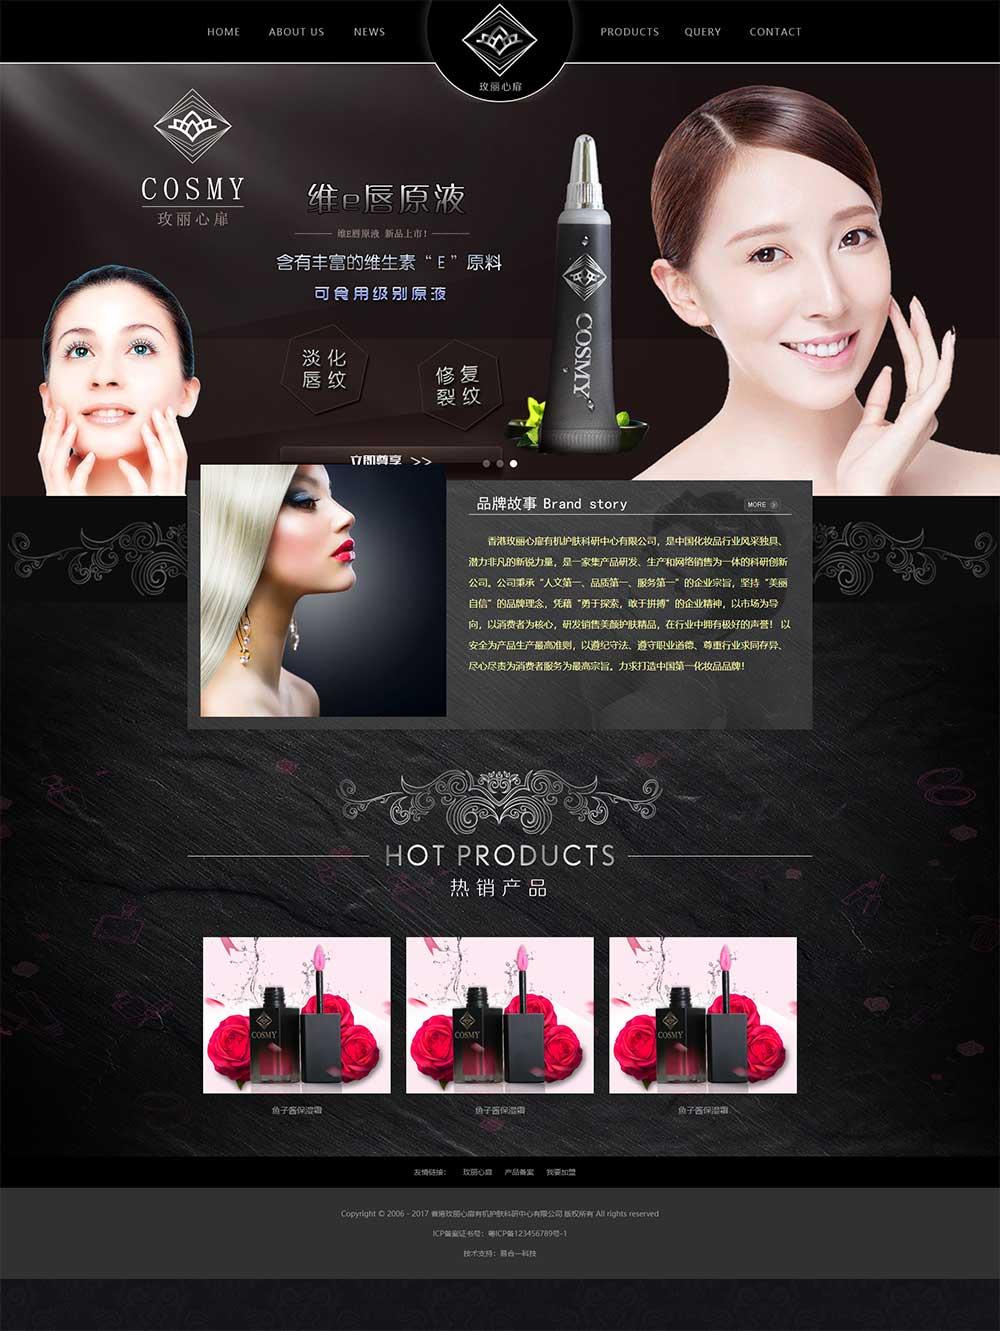 黑色的润唇膏化妆品美容企业首页模板